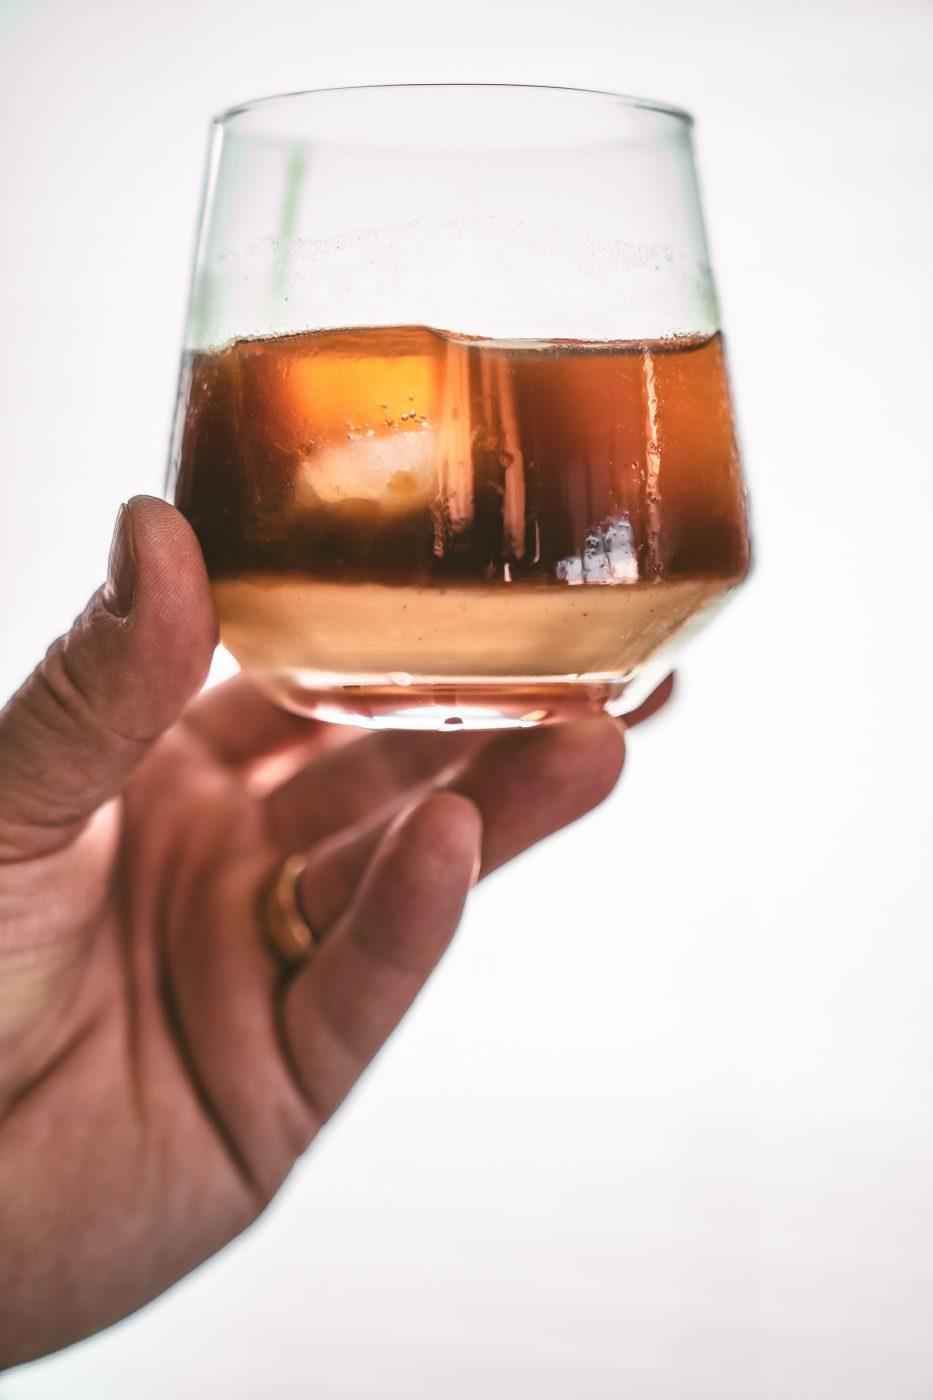 Eggnog Russian 16 | Wir haben uns in den letzten Tagen viele Gedanken darüber gemacht, was für einen Cocktail wir unseren Liebsten an einem der Feiertage anbieten könnten. Wir finden, dass gerade ein Cocktail genau das Richtige ist, wenn man nach einem leckeren Feiertag abends zusammen sitzt. Ein Cocktail, bei dem winterliche Aromen leicht durchkommen und bei dem man den Tag Revue passieren lassen kann. Unsere Wahl ist auf einen Eggnog Russian gefallen.